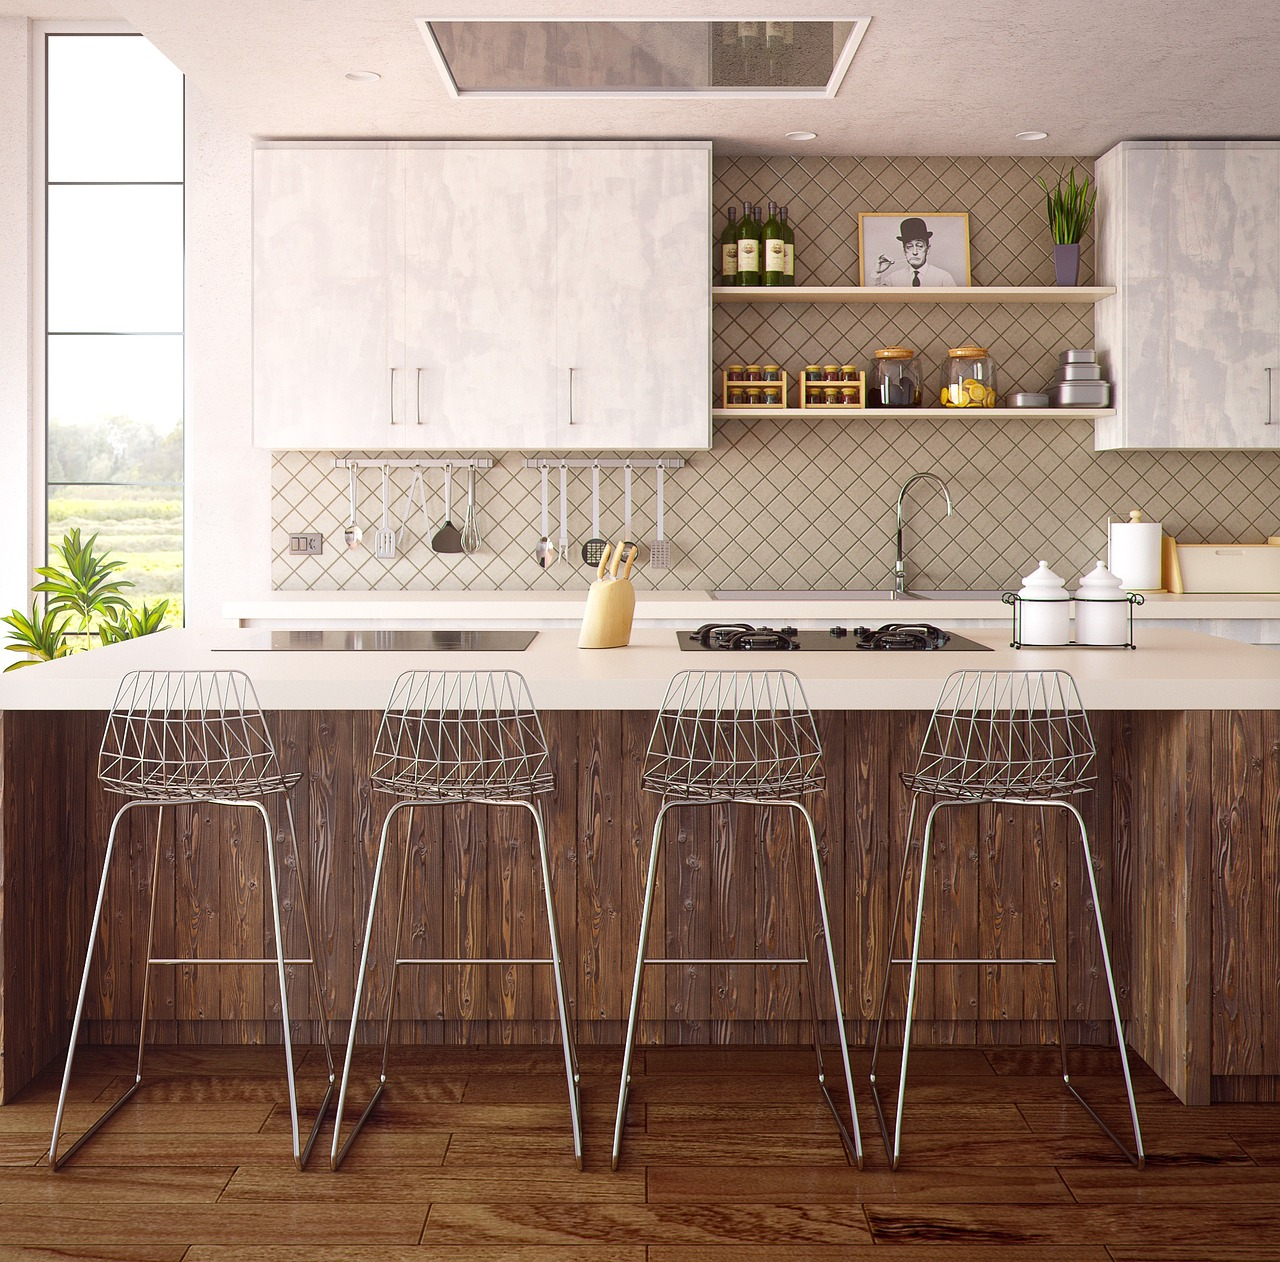 Veilig, schoon en mooi: een glazen keukenachterwand